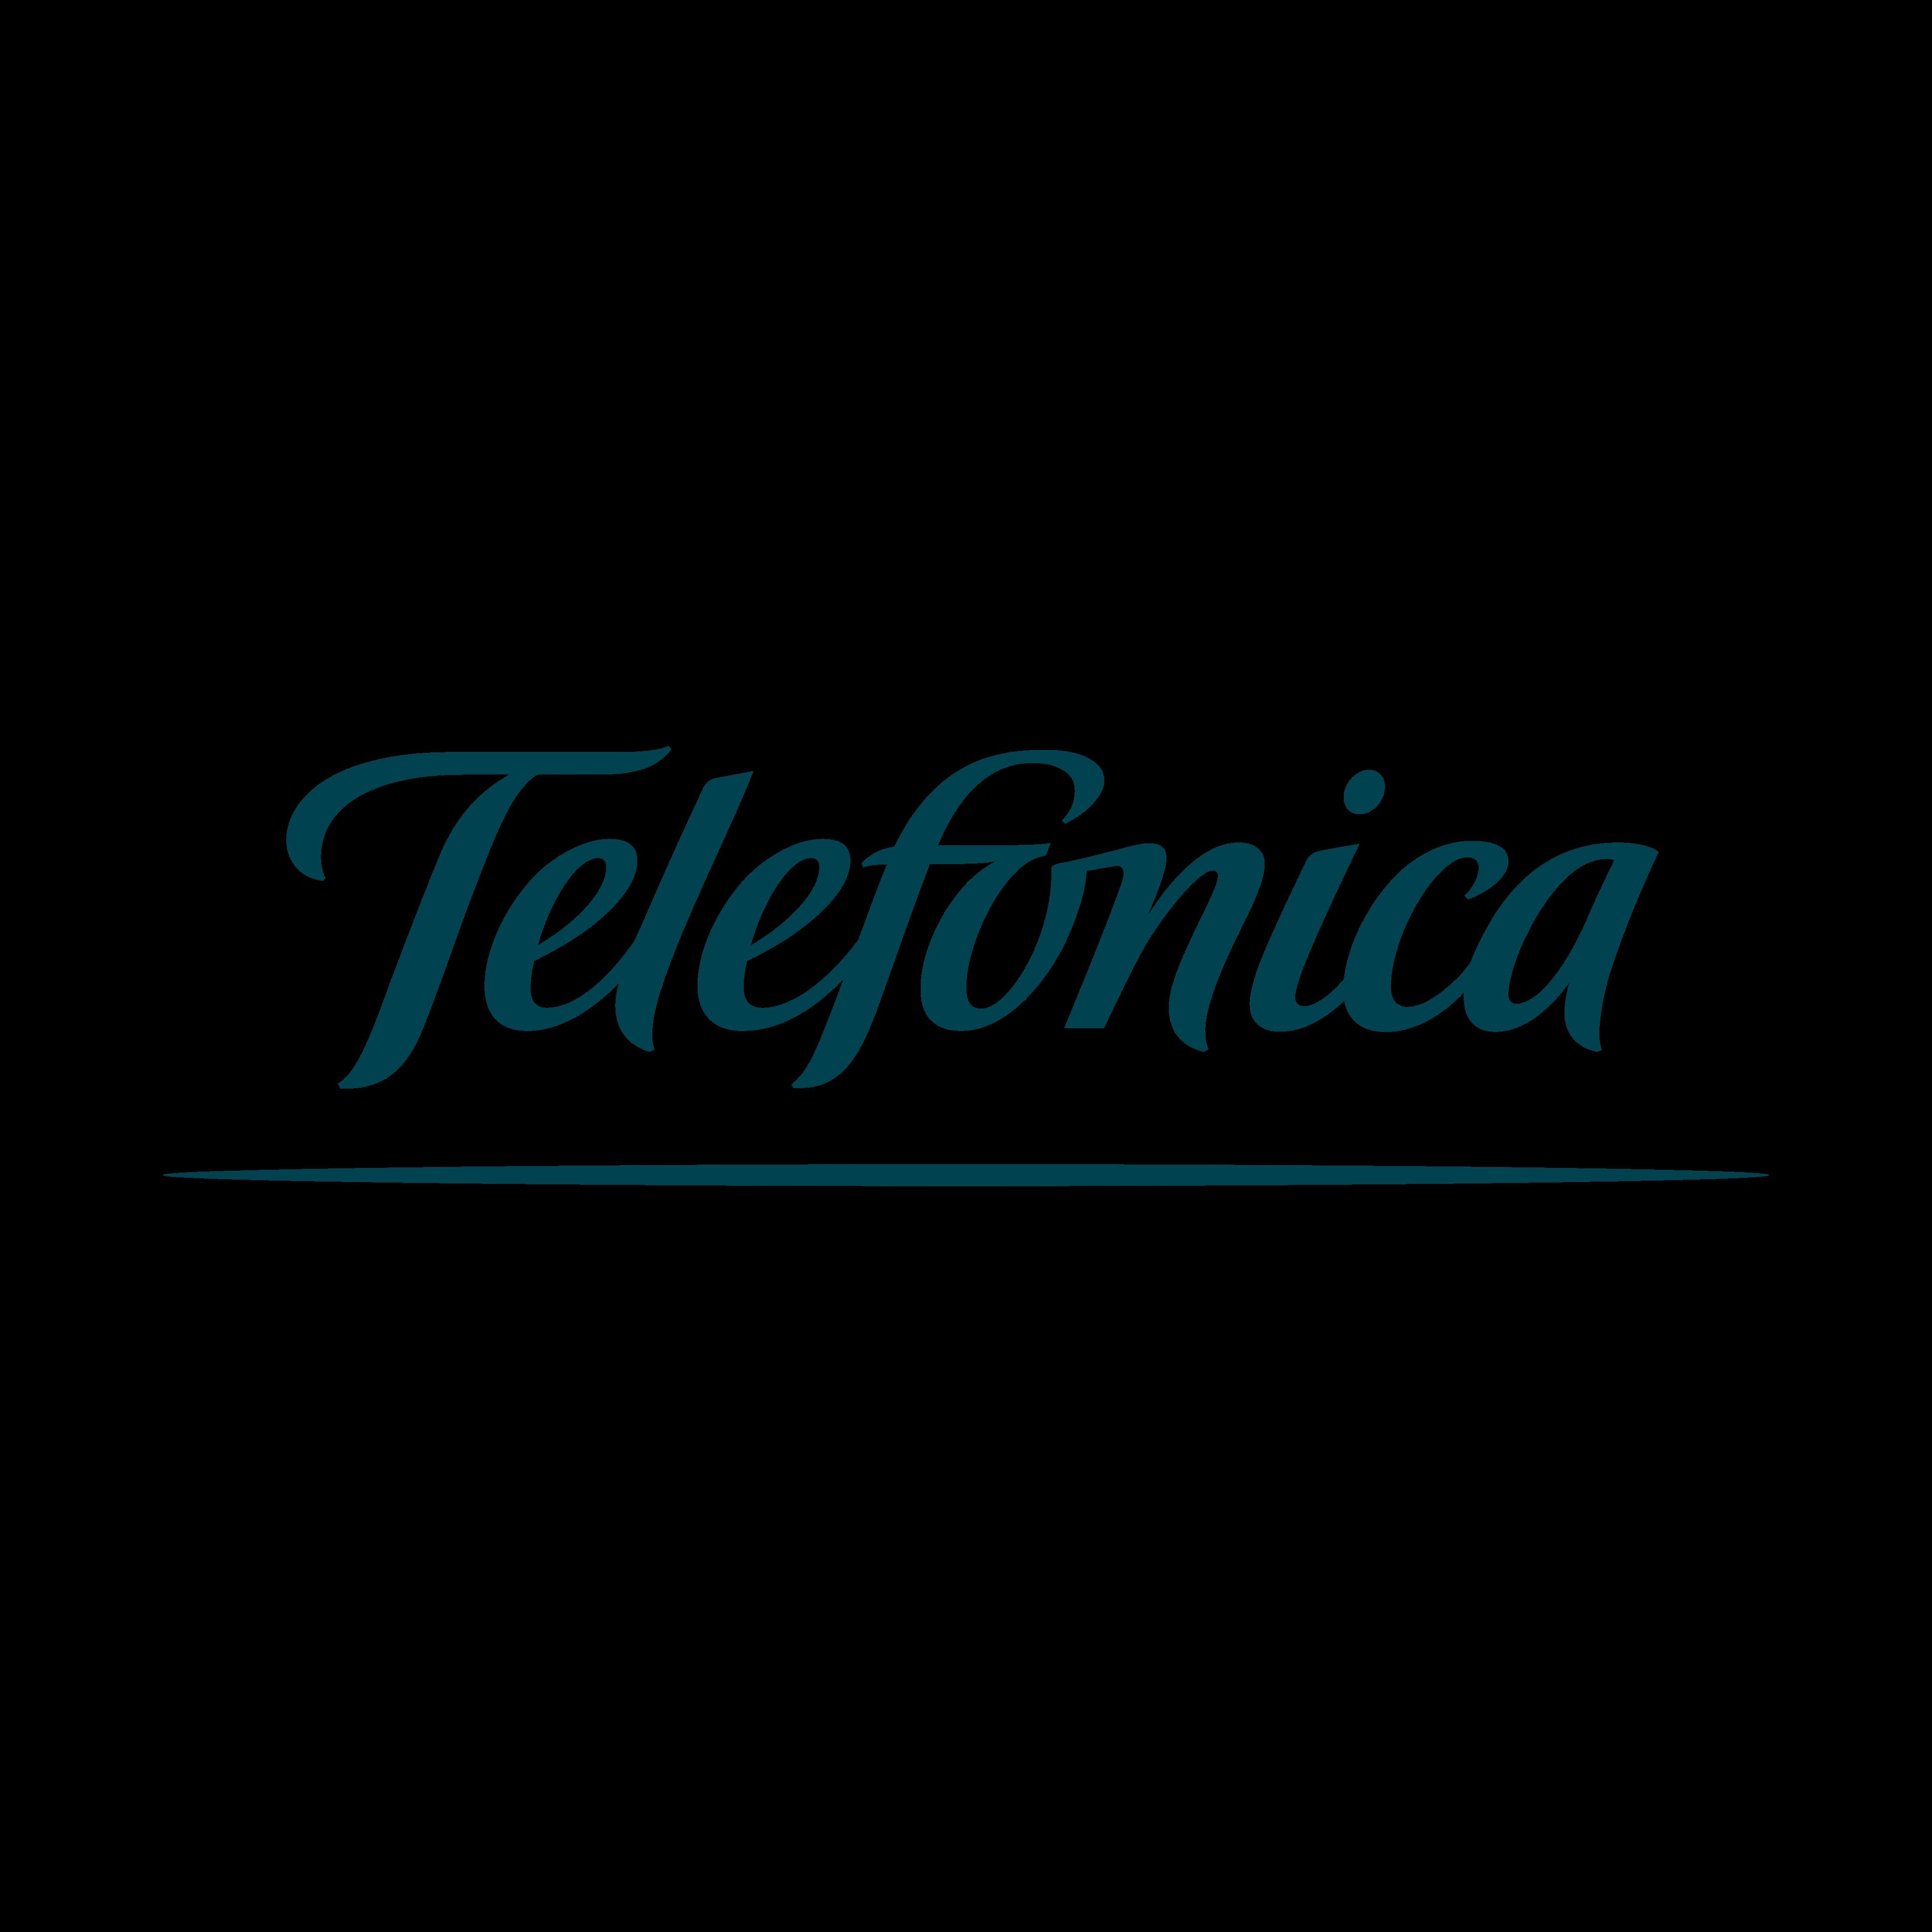 telefonica logo 0 - Telefónica Logo